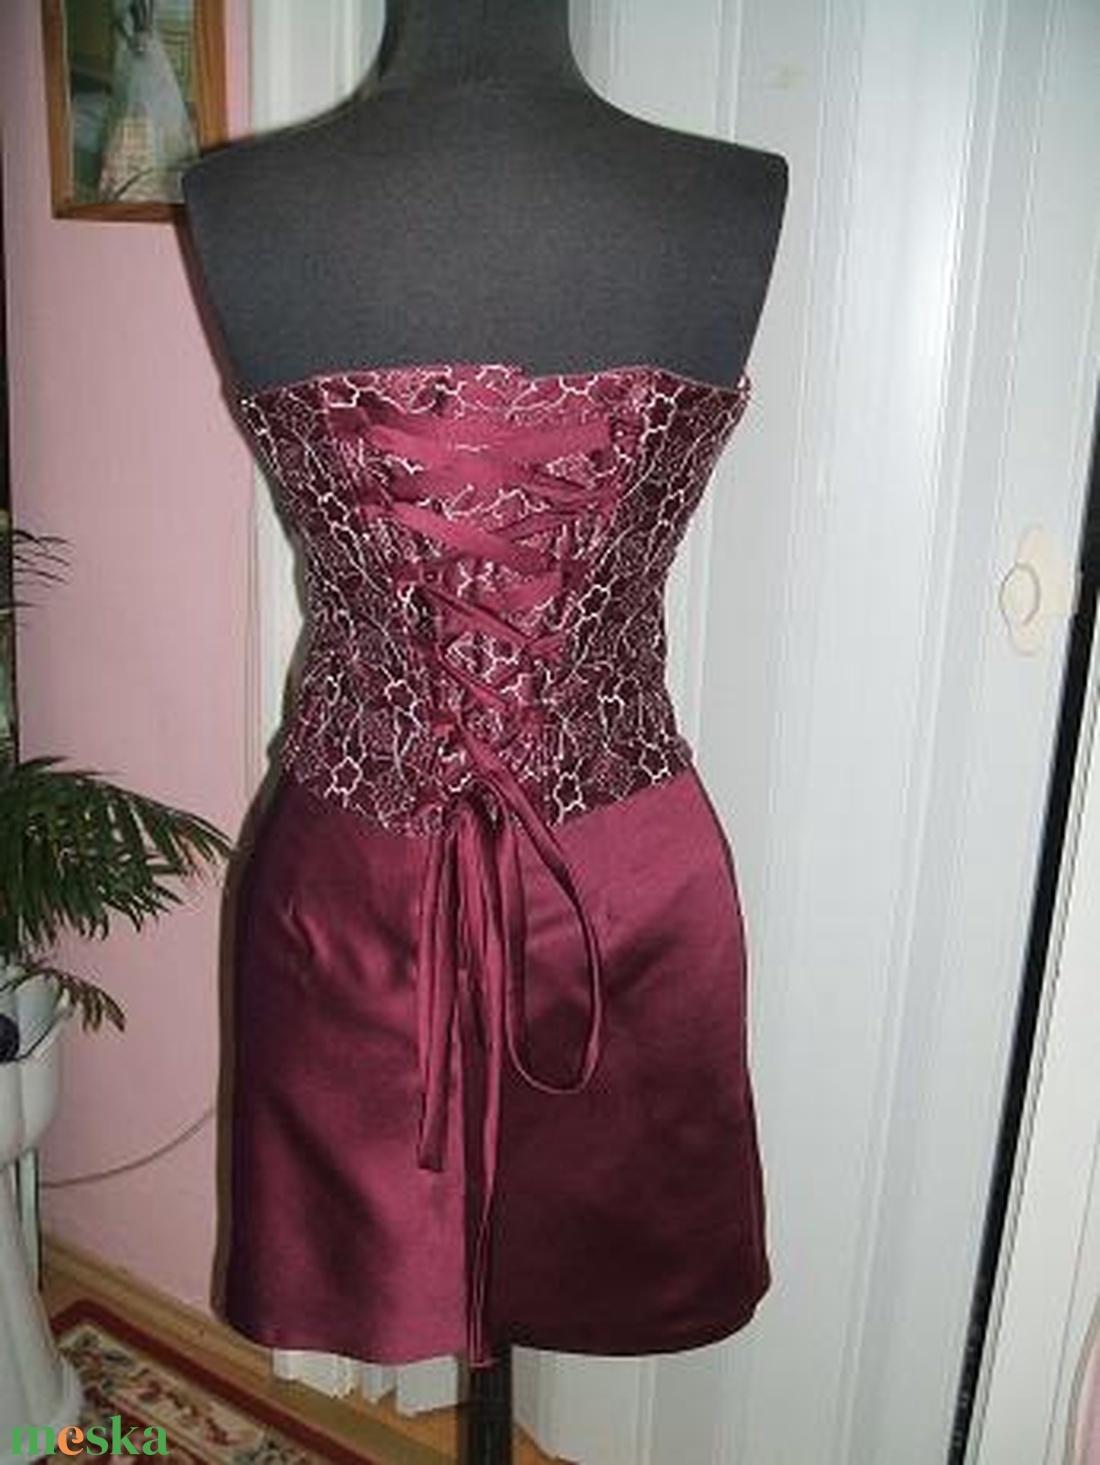 Két részes düssesz, rövid menyecske, alkalmi ruha. - esküvő - ruha - menyecske ruha - Meska.hu